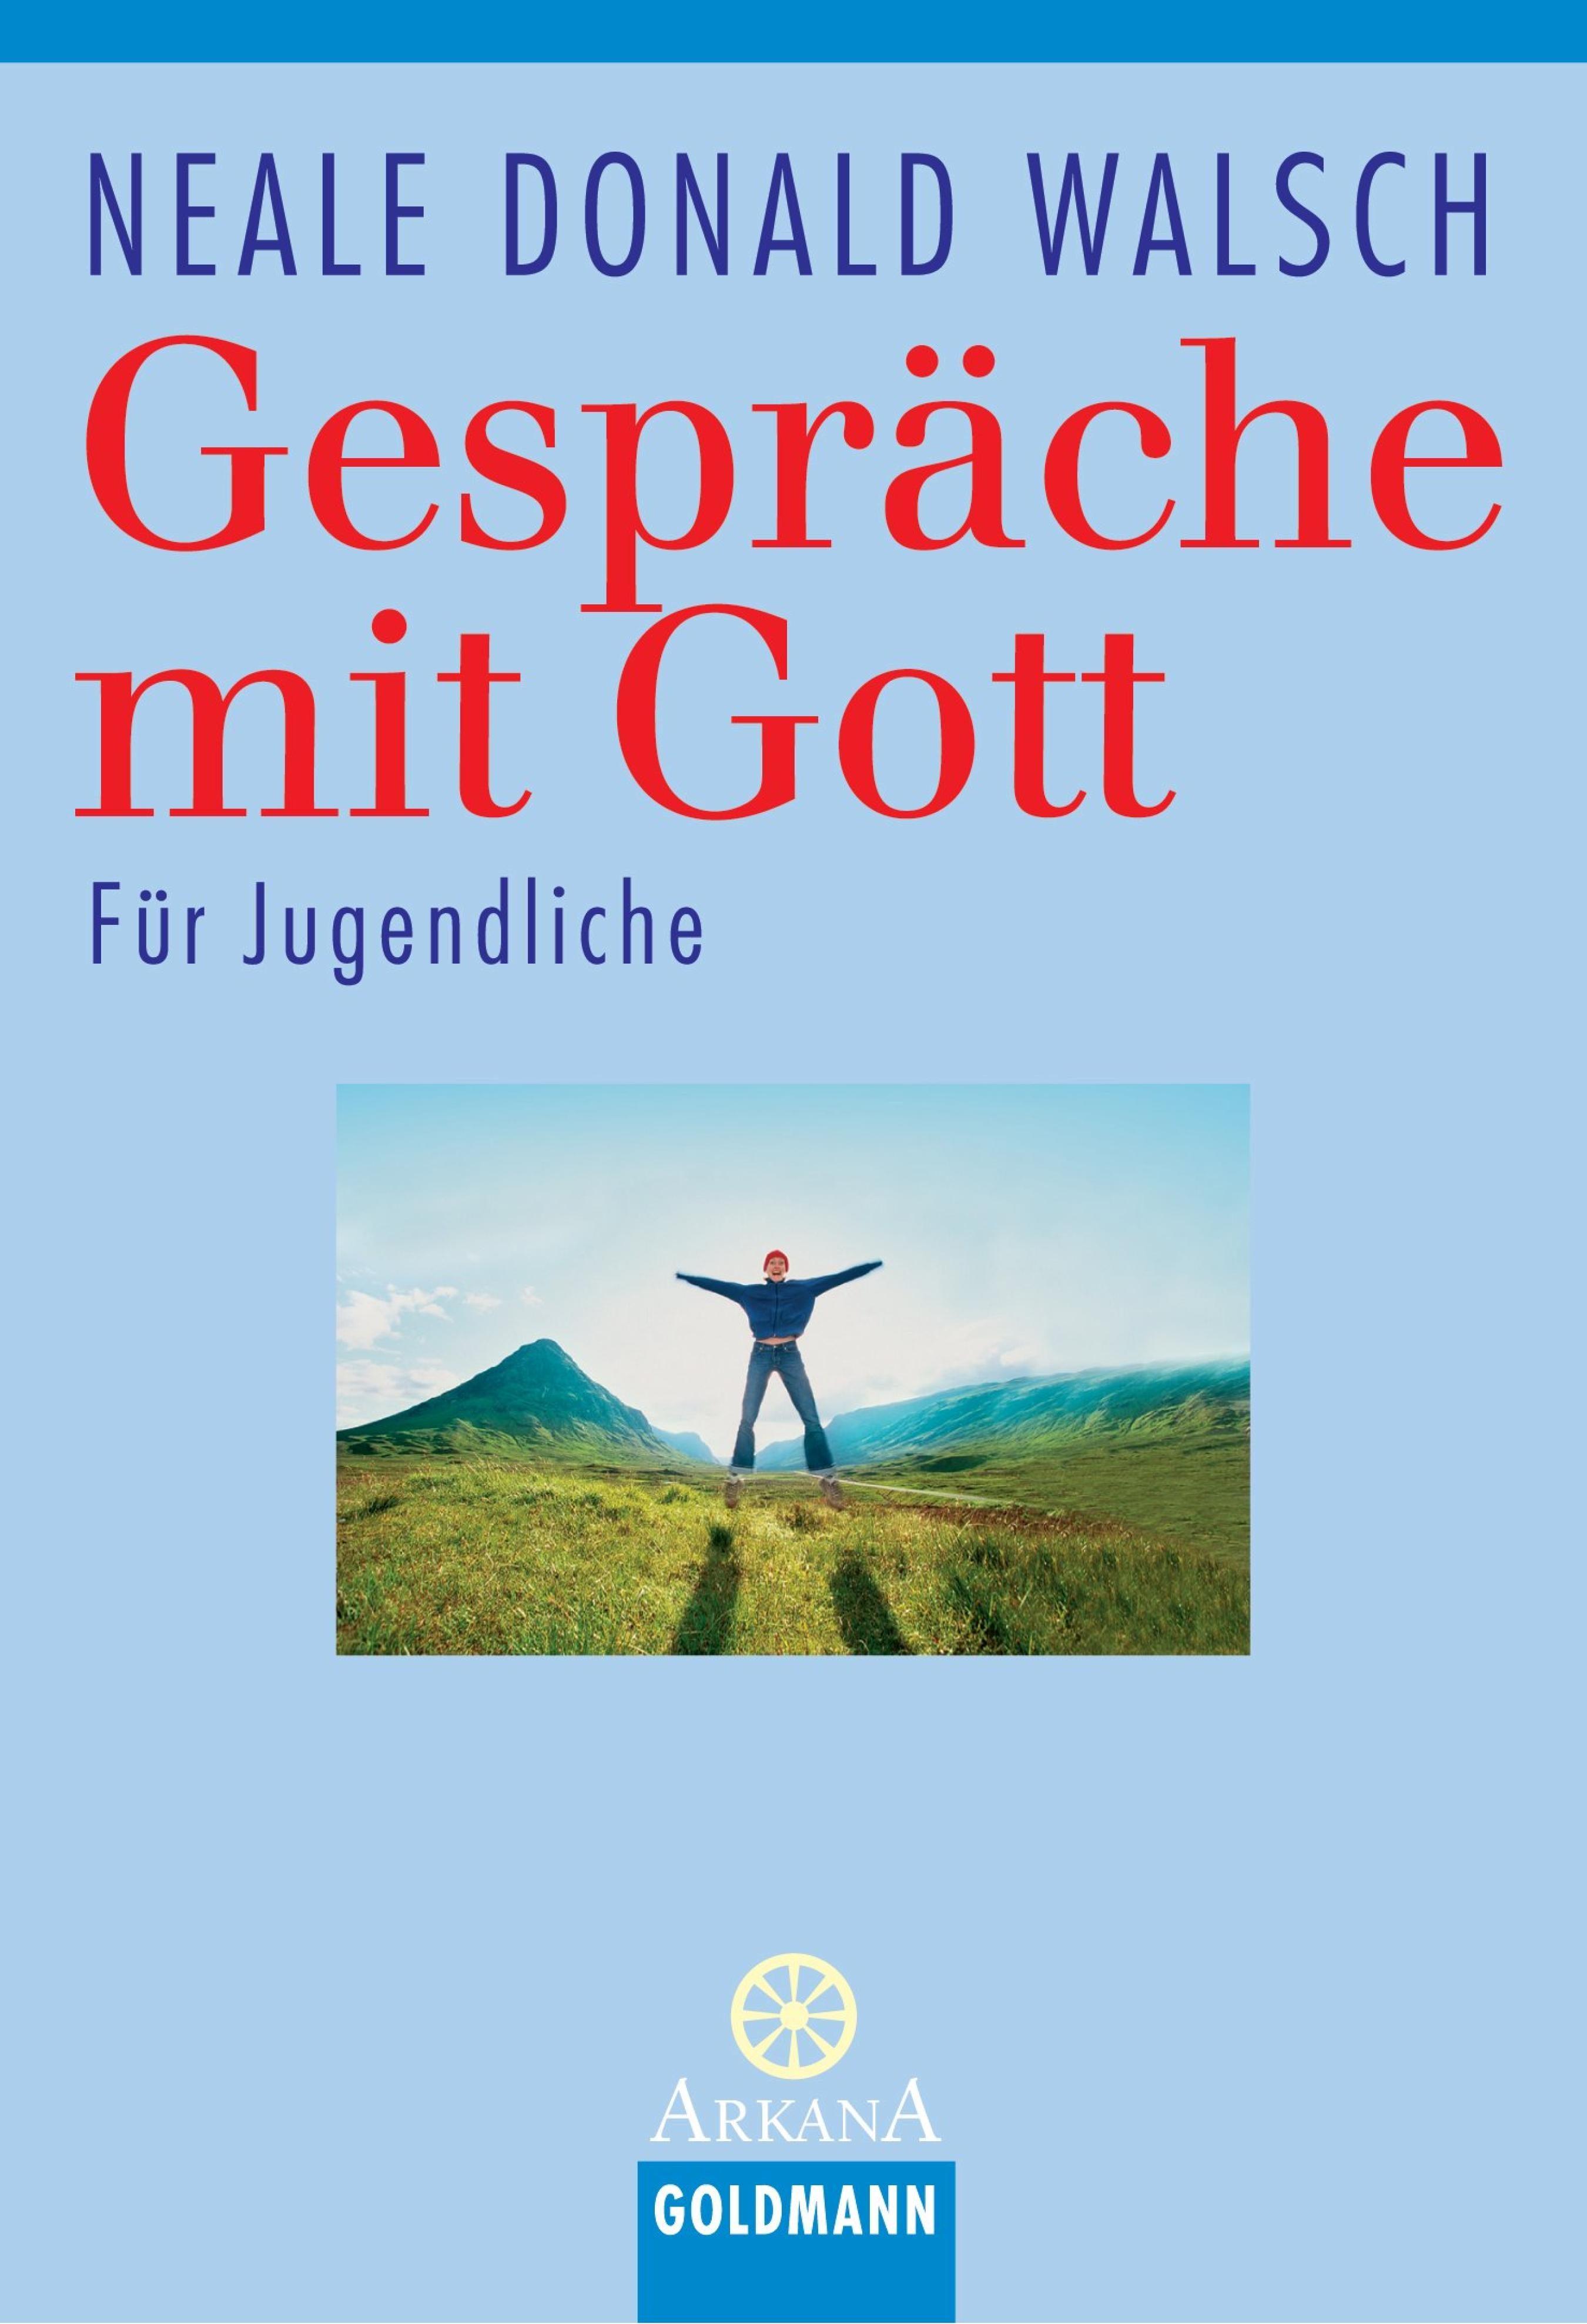 Gespr�che Mit Gott (ebook)9783641040895